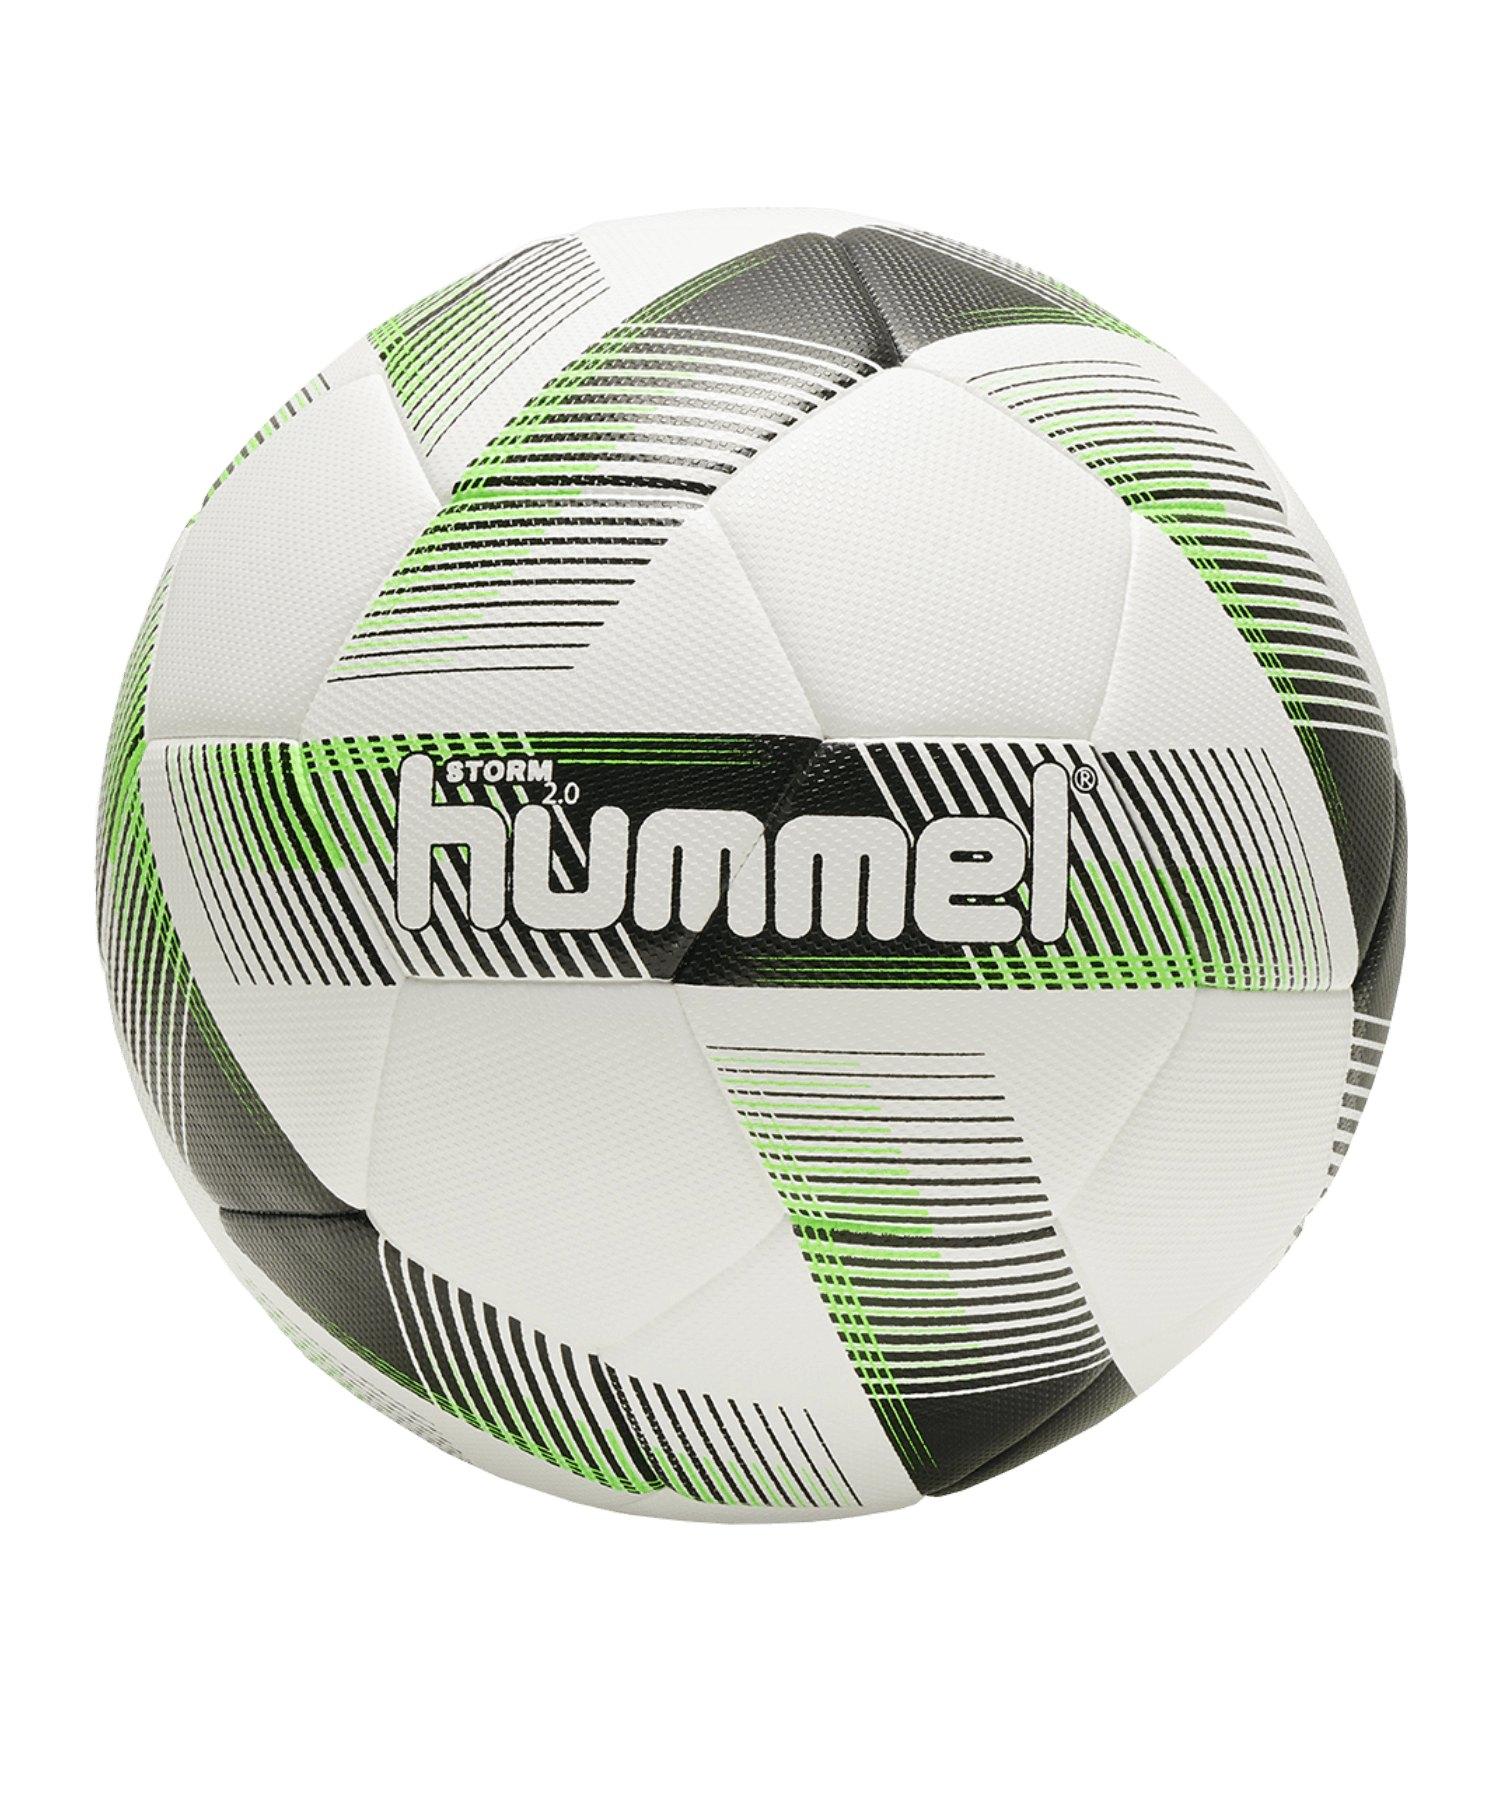 Hummel Storm 2.0 Trainingsball Weiss F9274 - Weiss